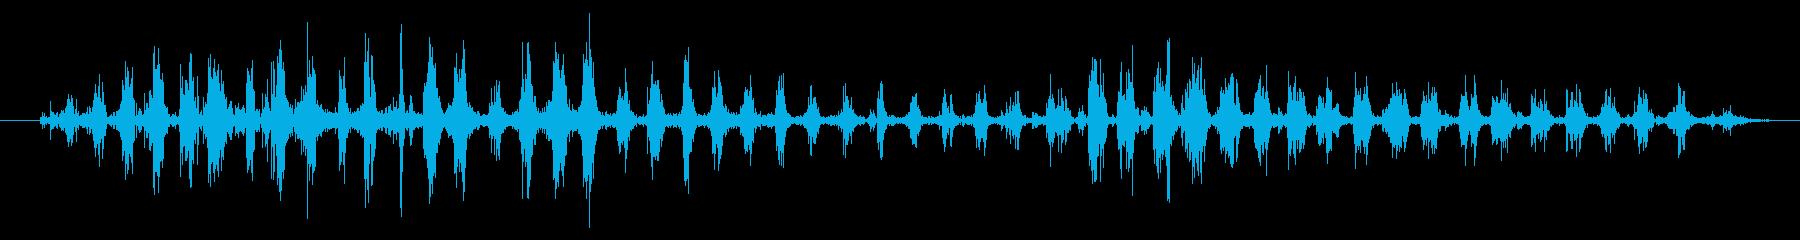 鳴き声の成長、動物の犬の再生済みの波形